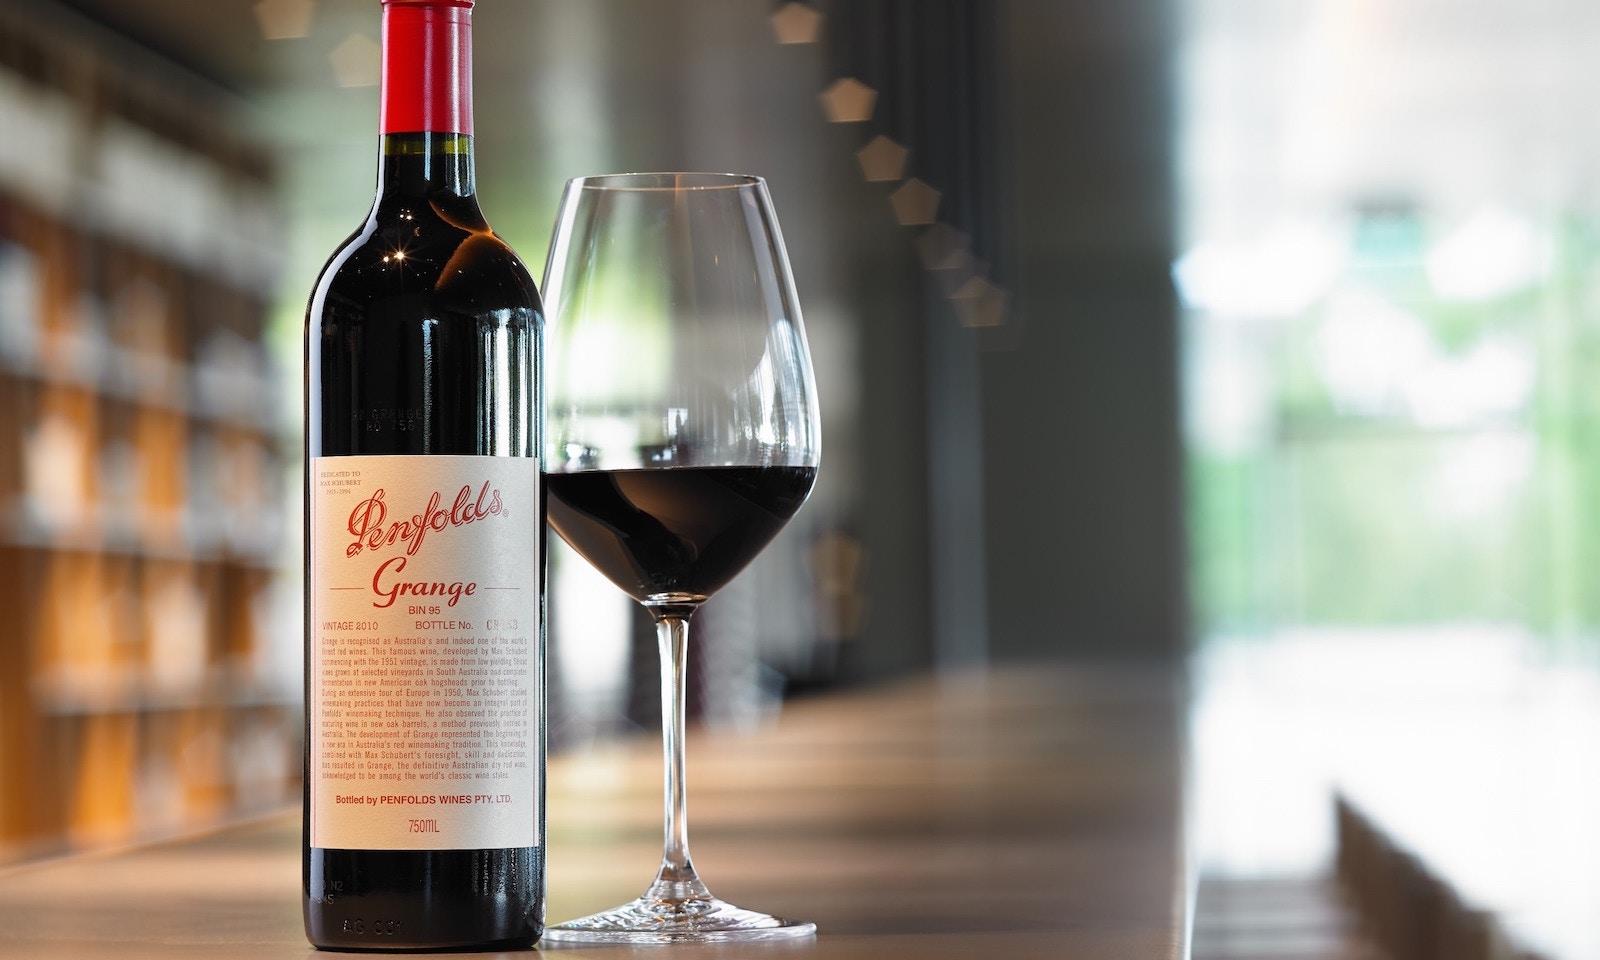 阿德萊德探訪葡萄酒之鄉+巴羅莎酒谷+奔富酒庄+傑卡斯酒庄+迴音壁+德國鎮包車一日遊(中文司導)